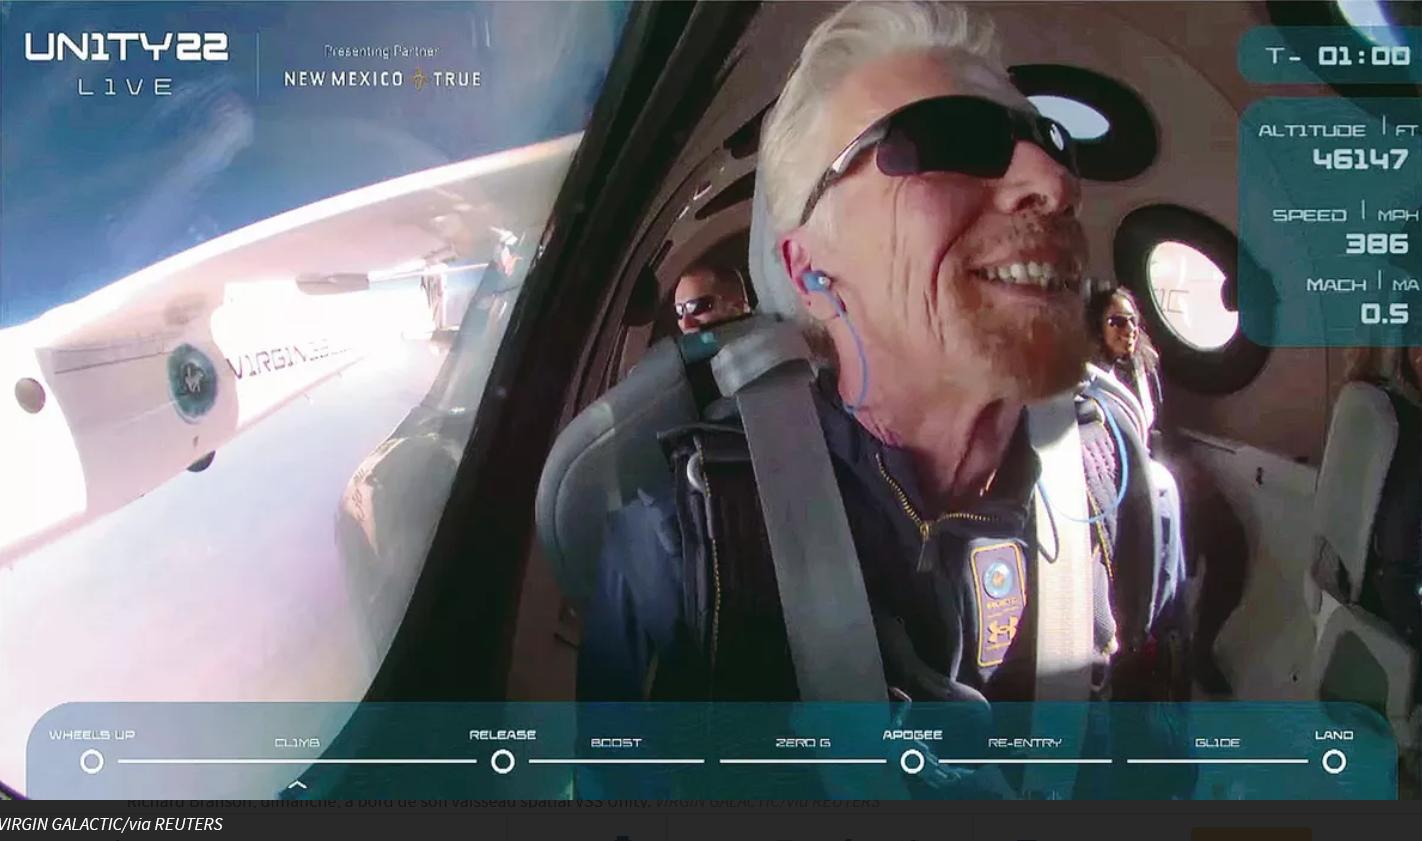 Richard Branson dimanche à bord de son vaisseau spatial VSS Unity. VIRGIN GALACTIC/via REUTERS